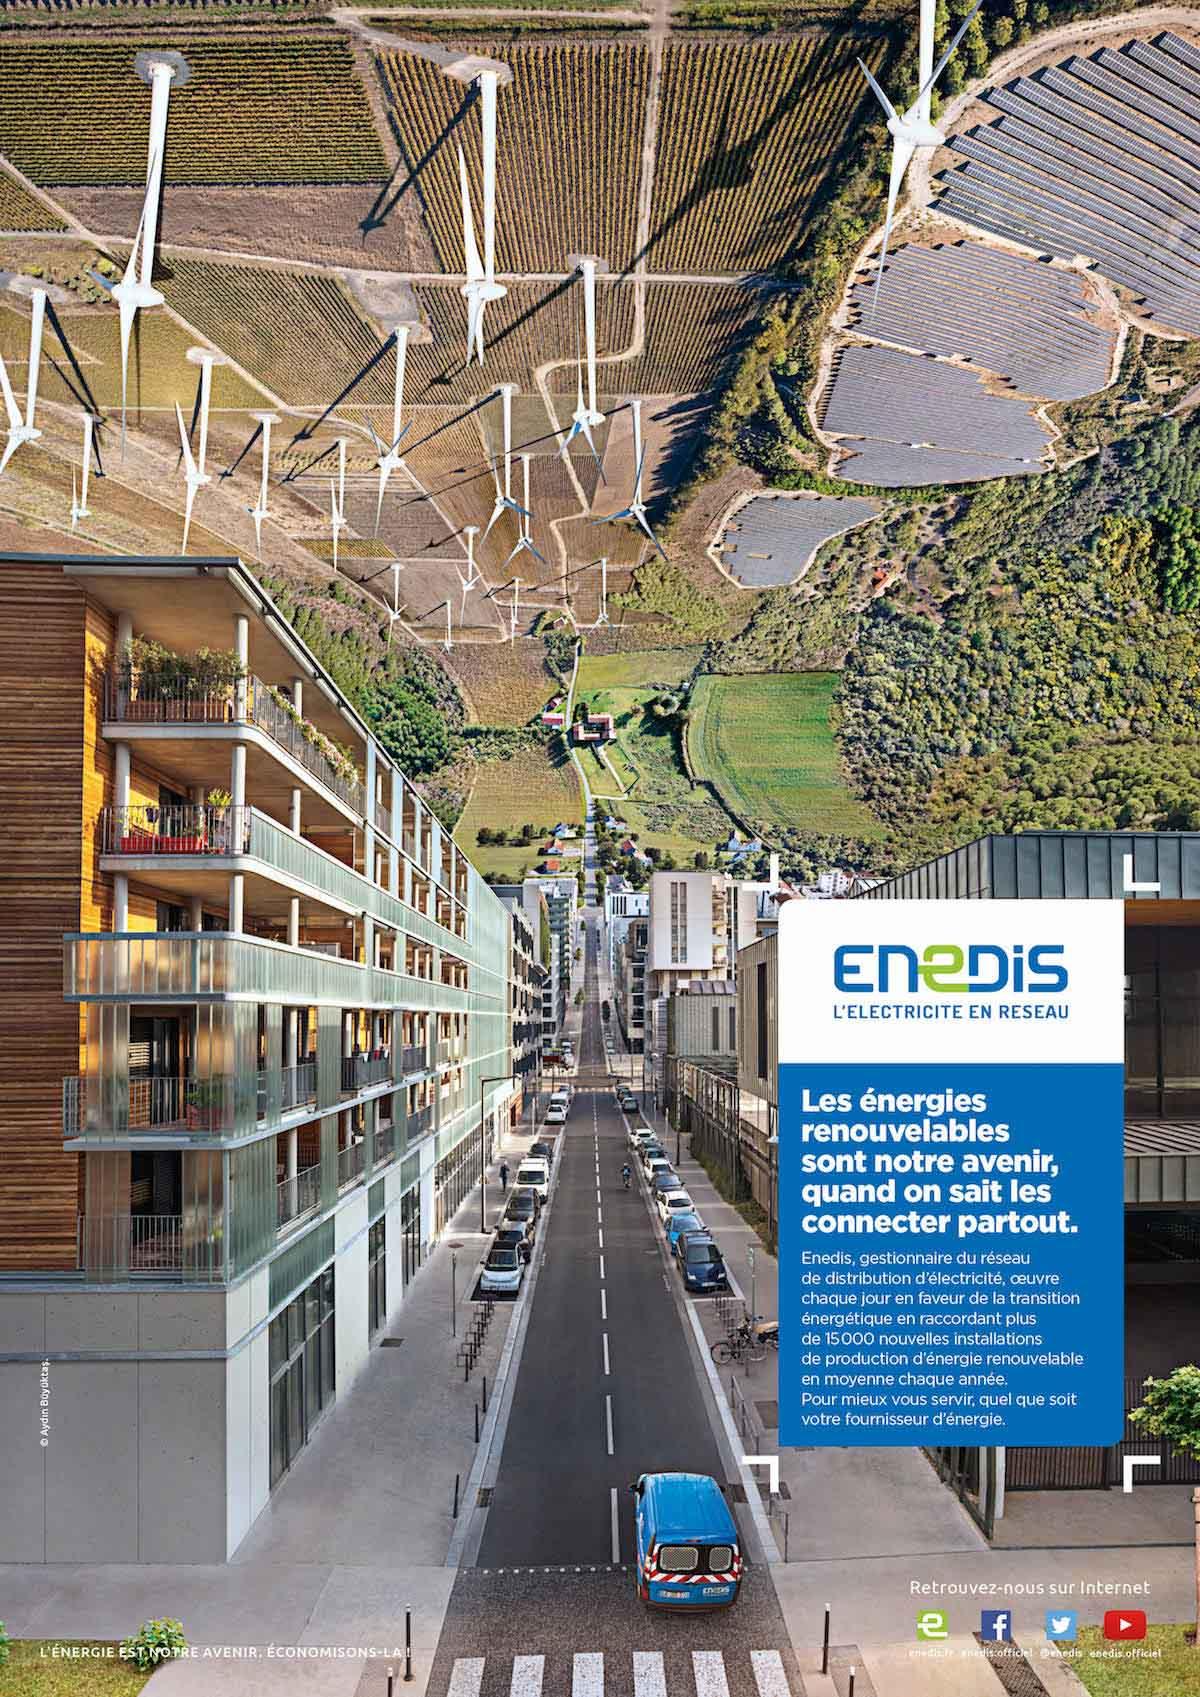 Campagne publicitaire Enedis avec photos aérienne par drone